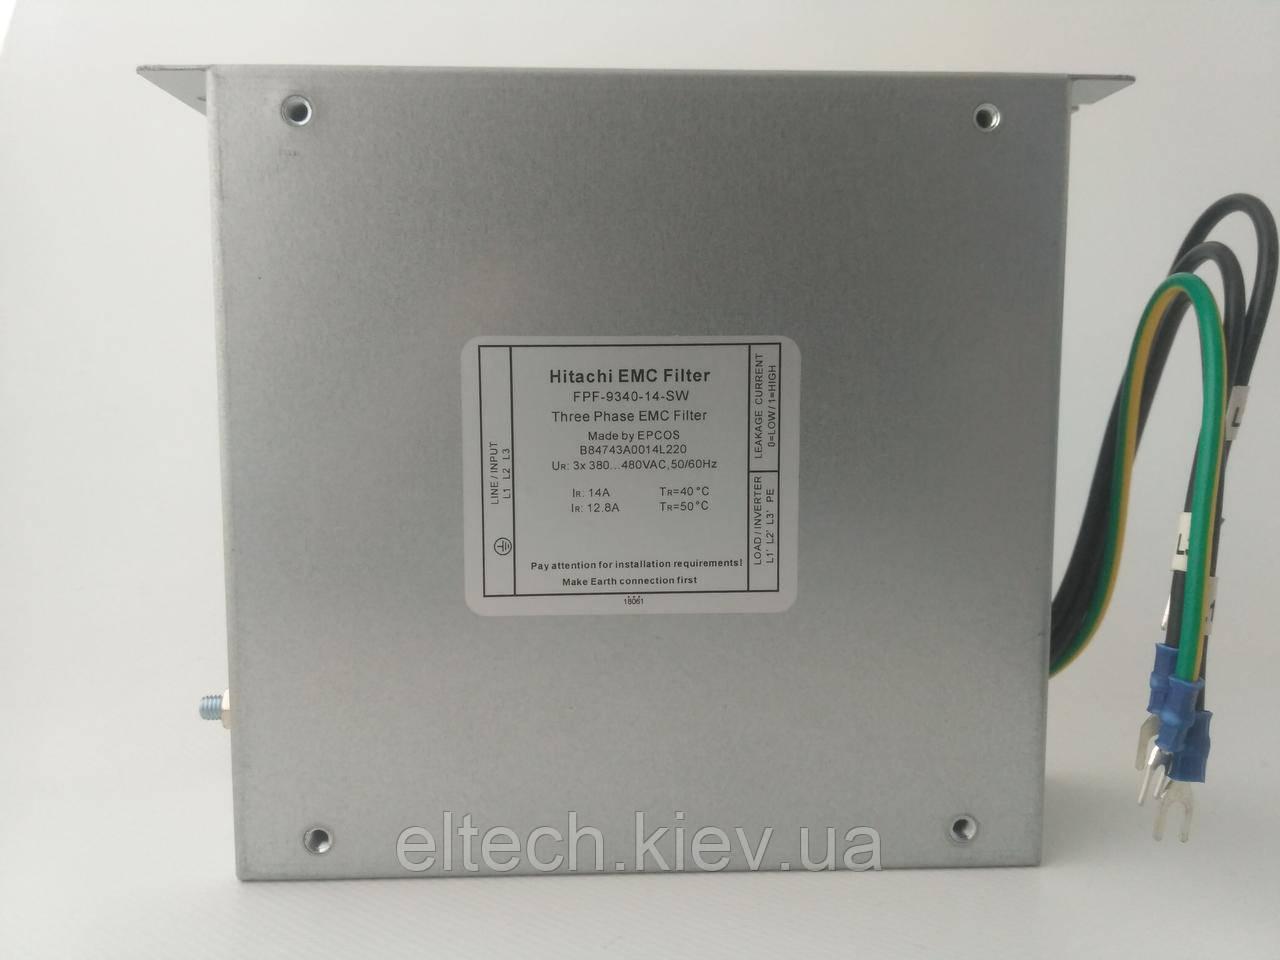 Фильтр сетевой FPF-9340-14 для WL200-055HF